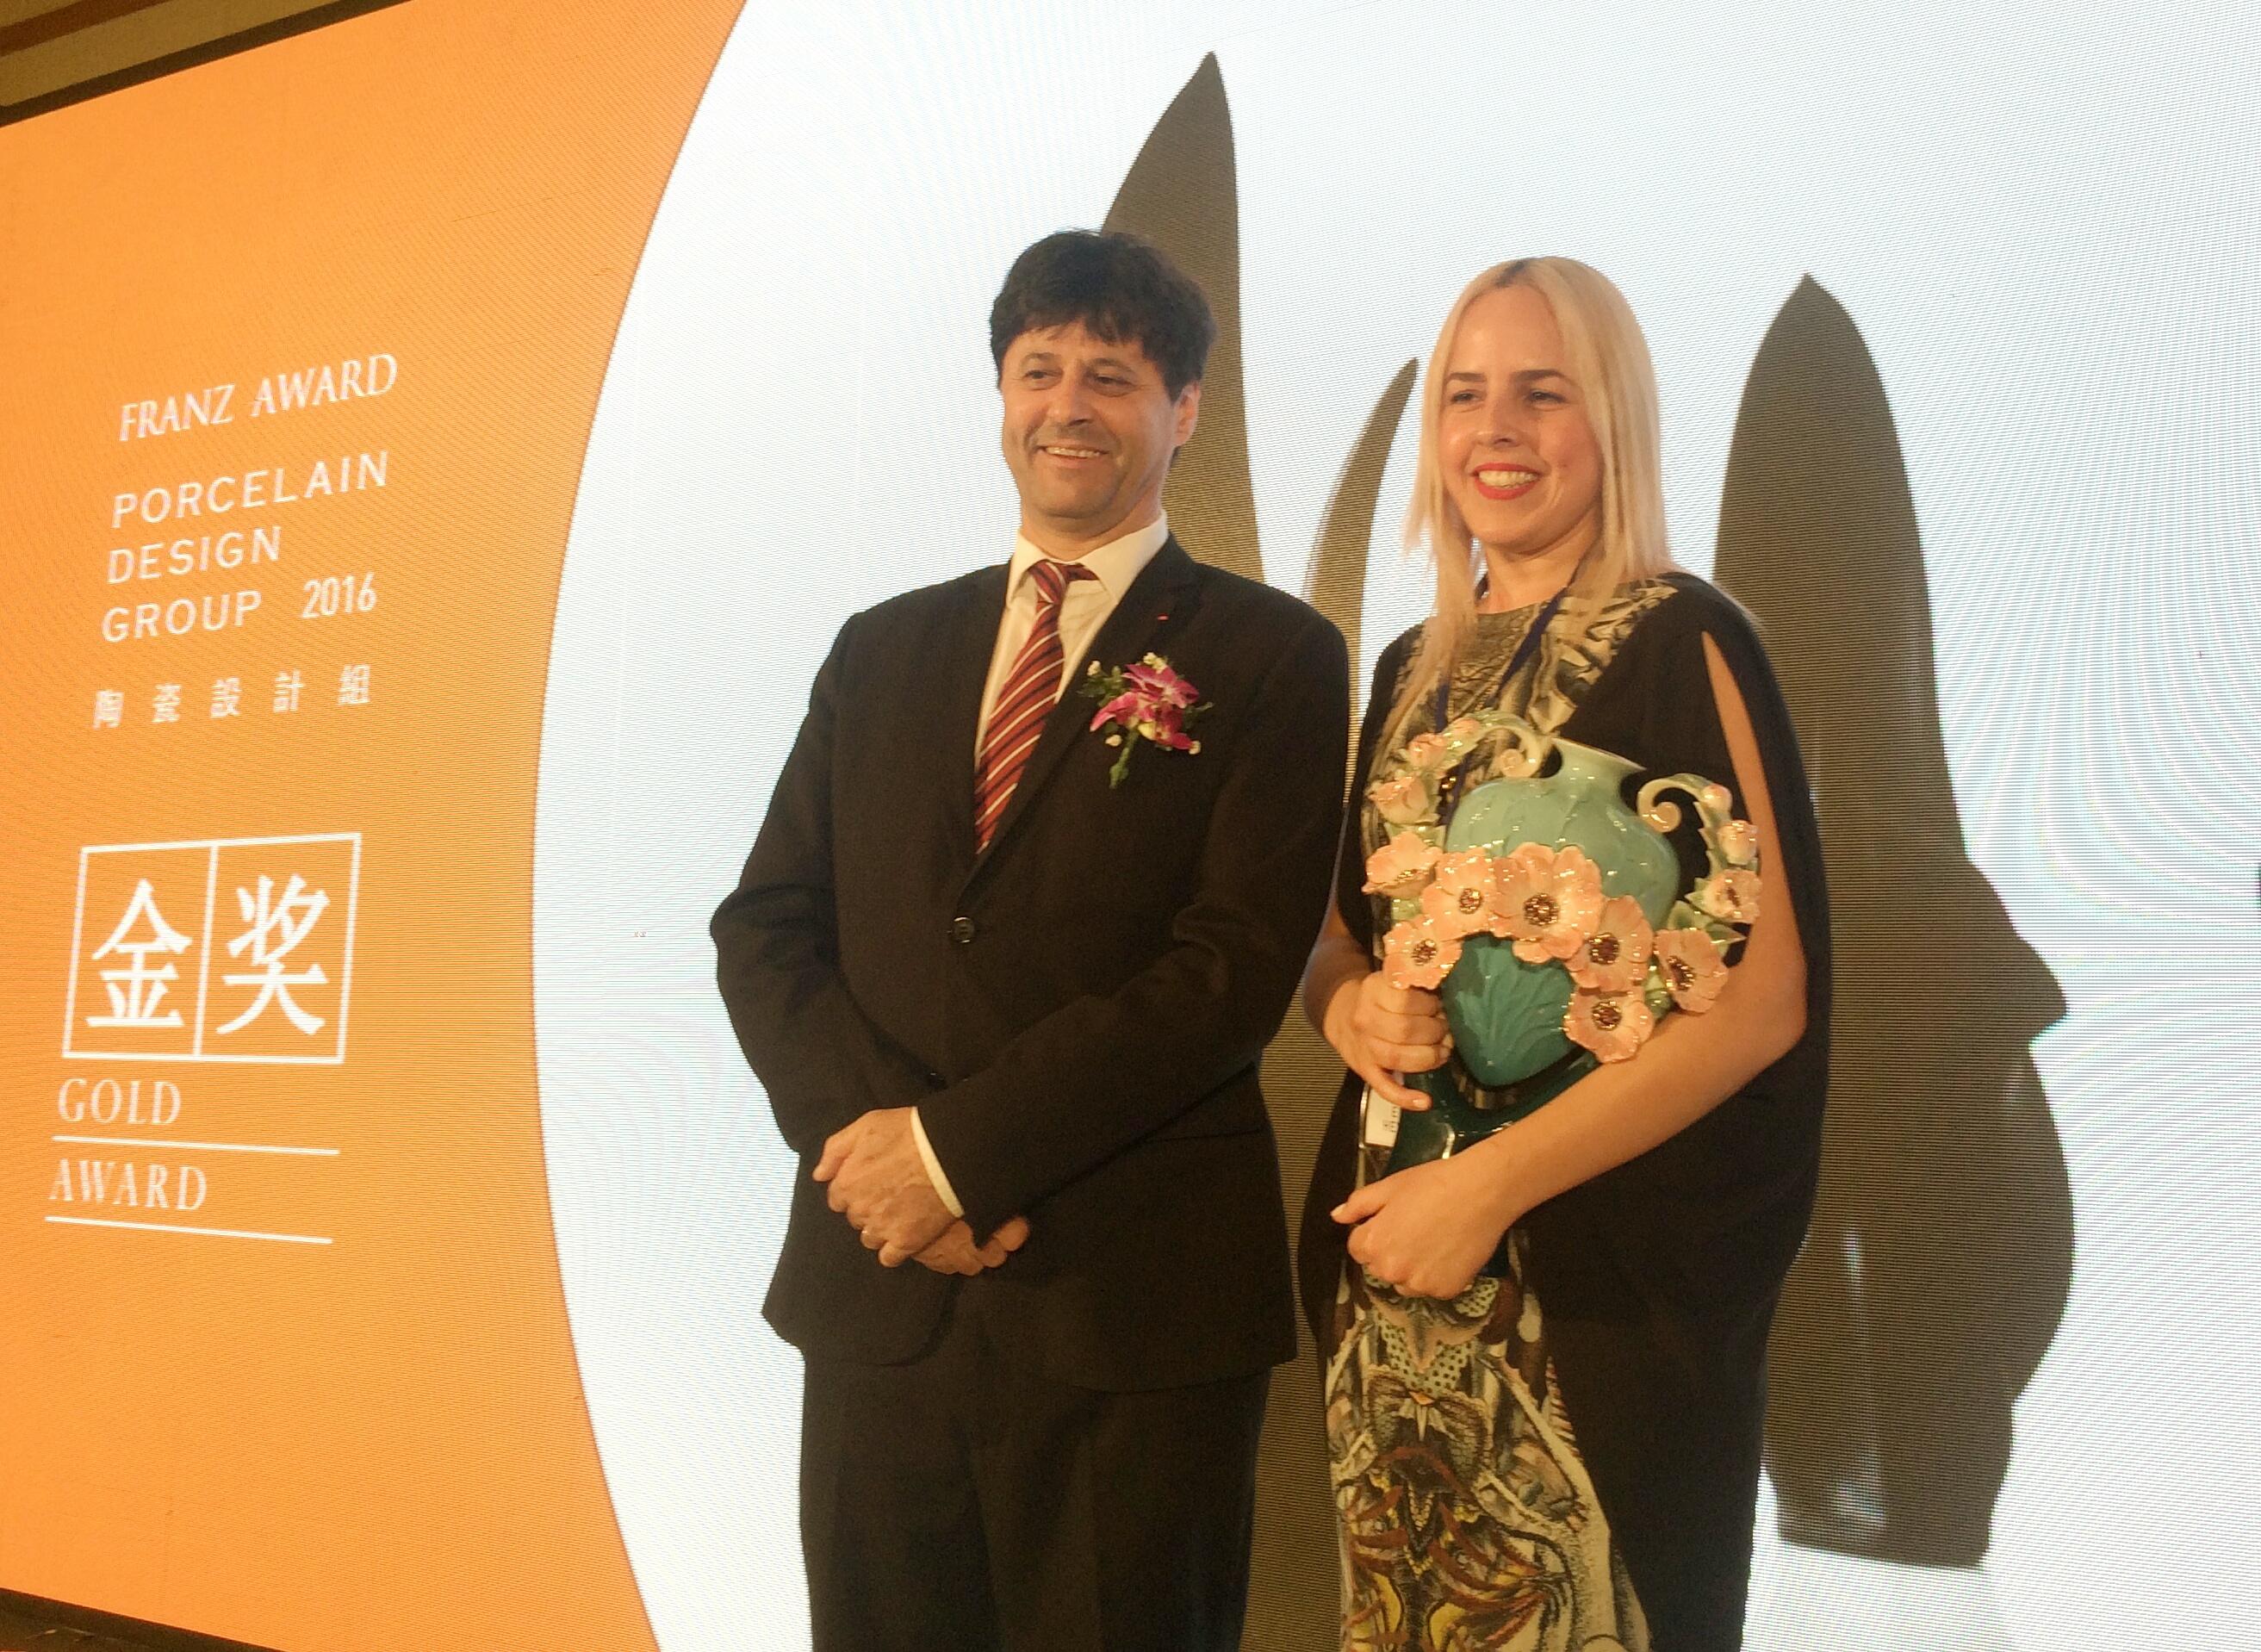 Eden Hevroni- gold medal FRANZ AWARD